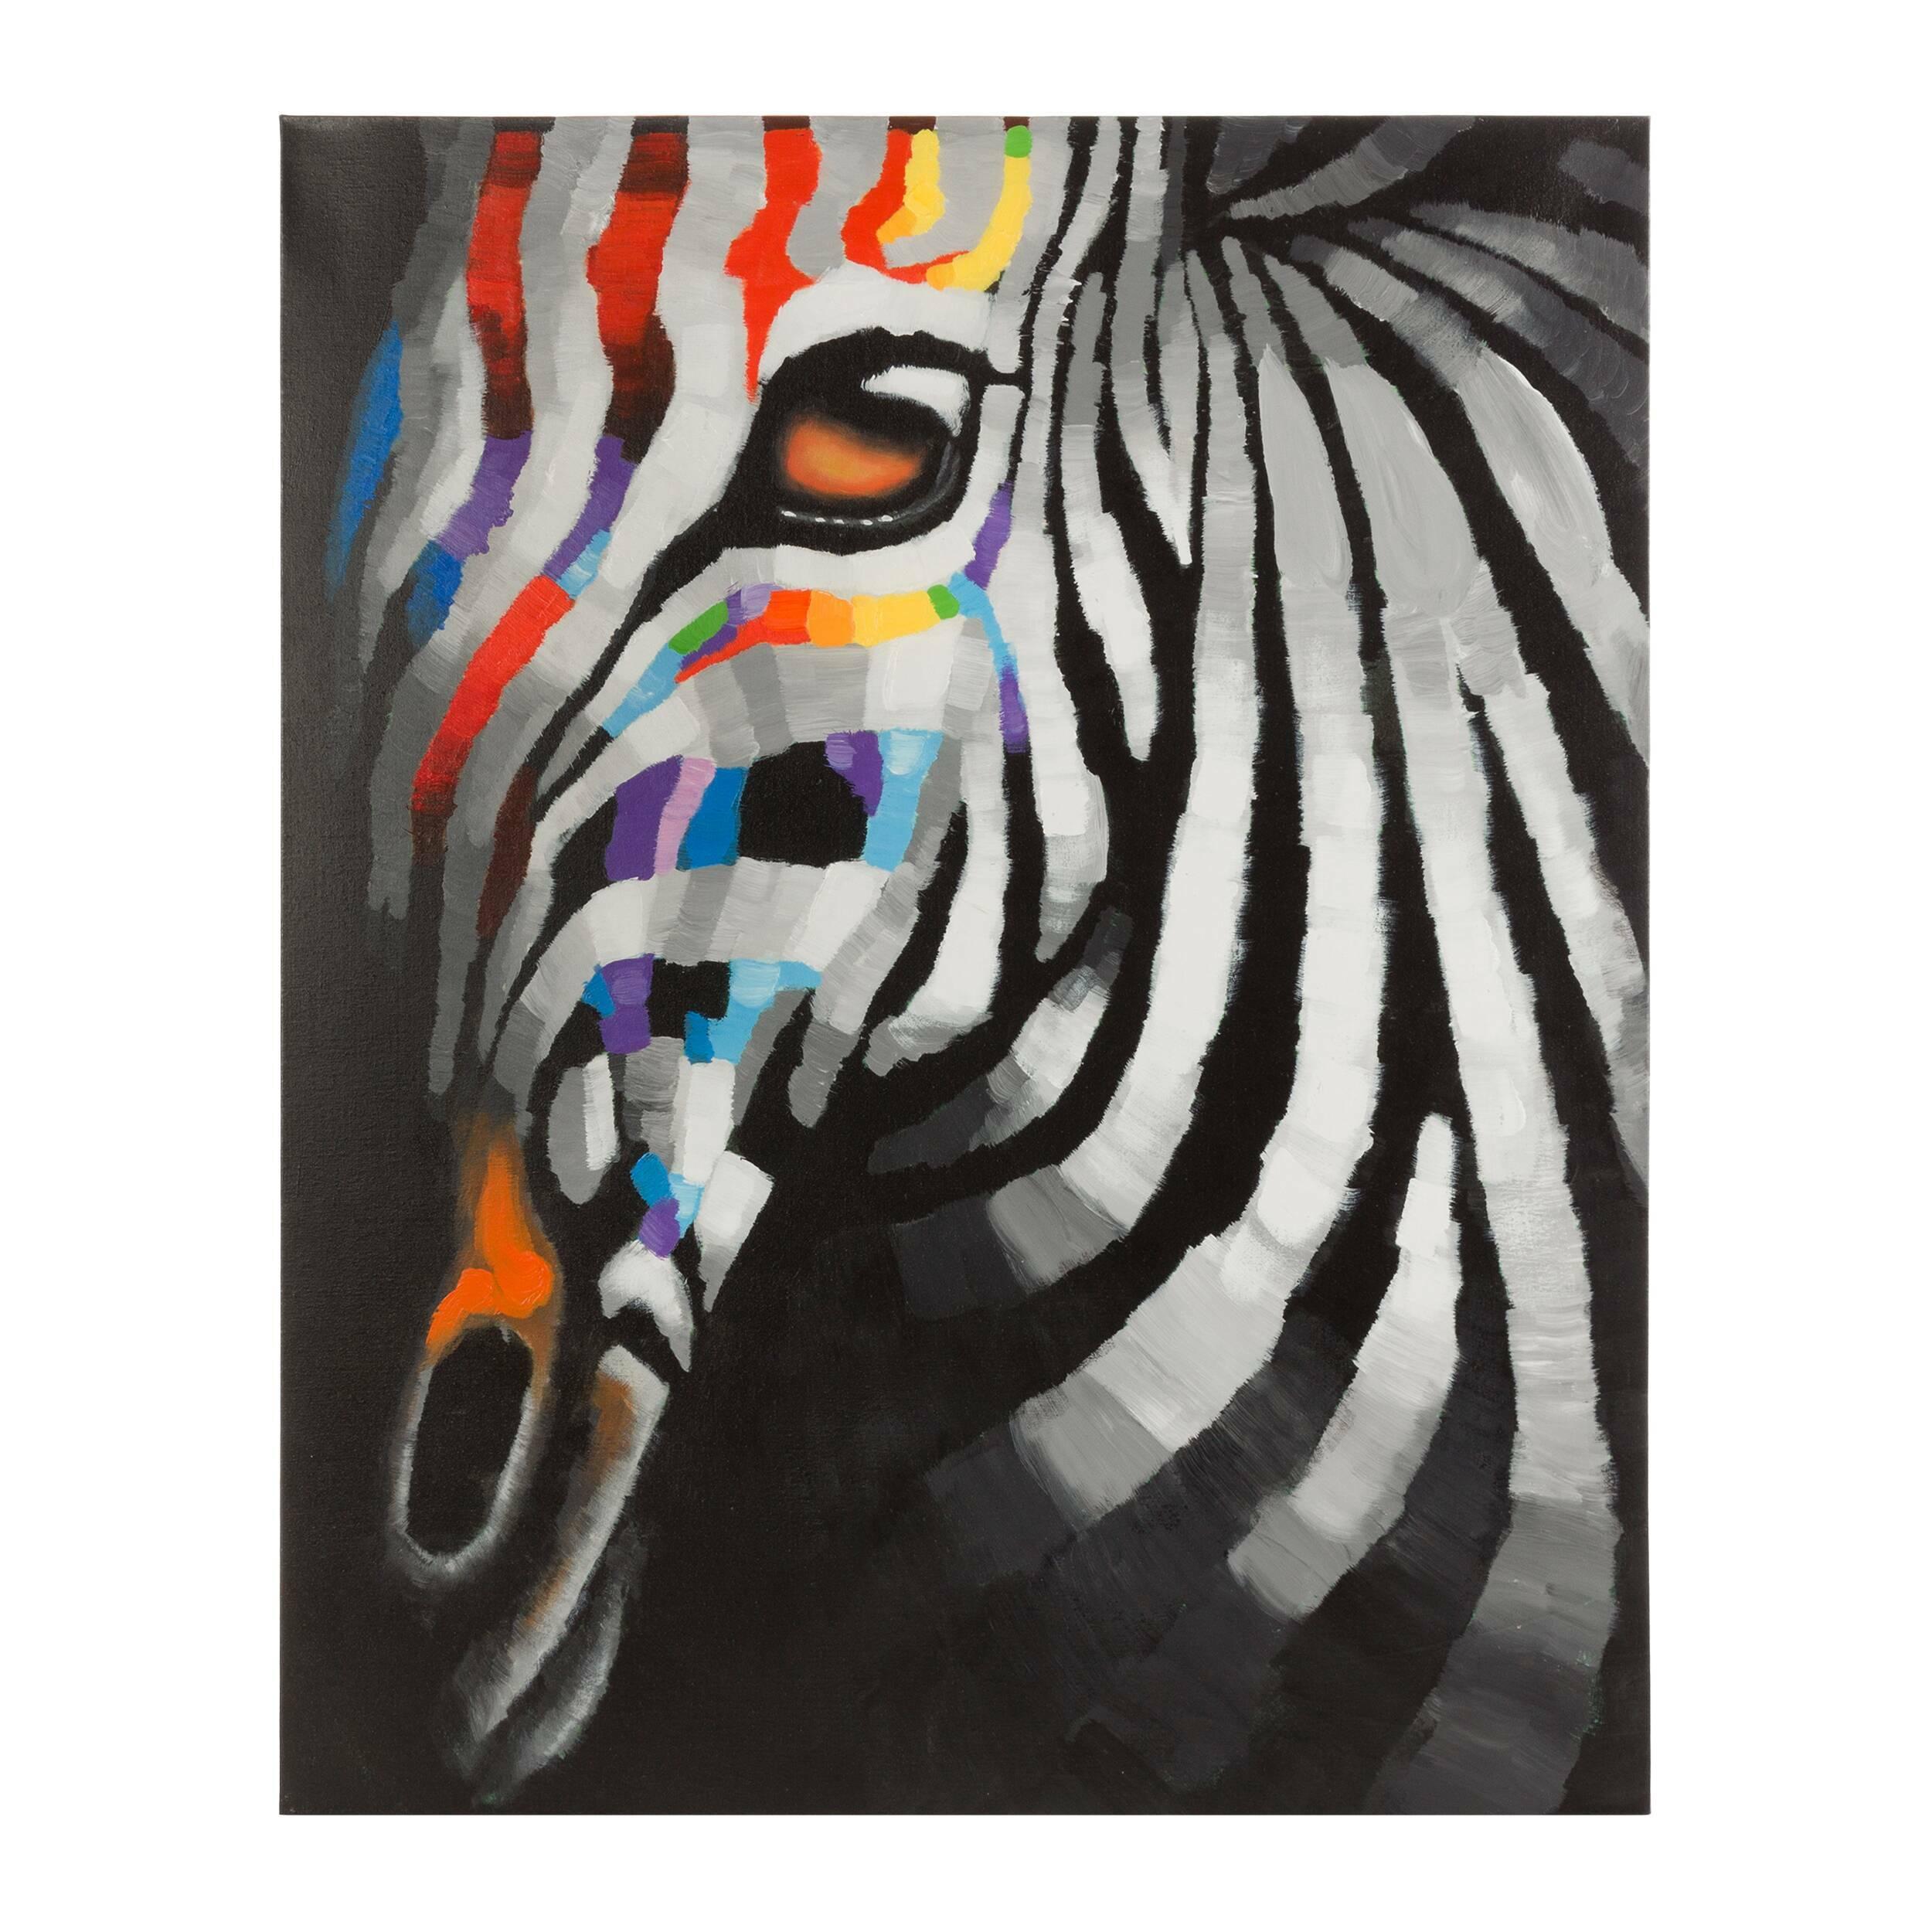 Купить Картина H789, Cosmo, Разноцветный